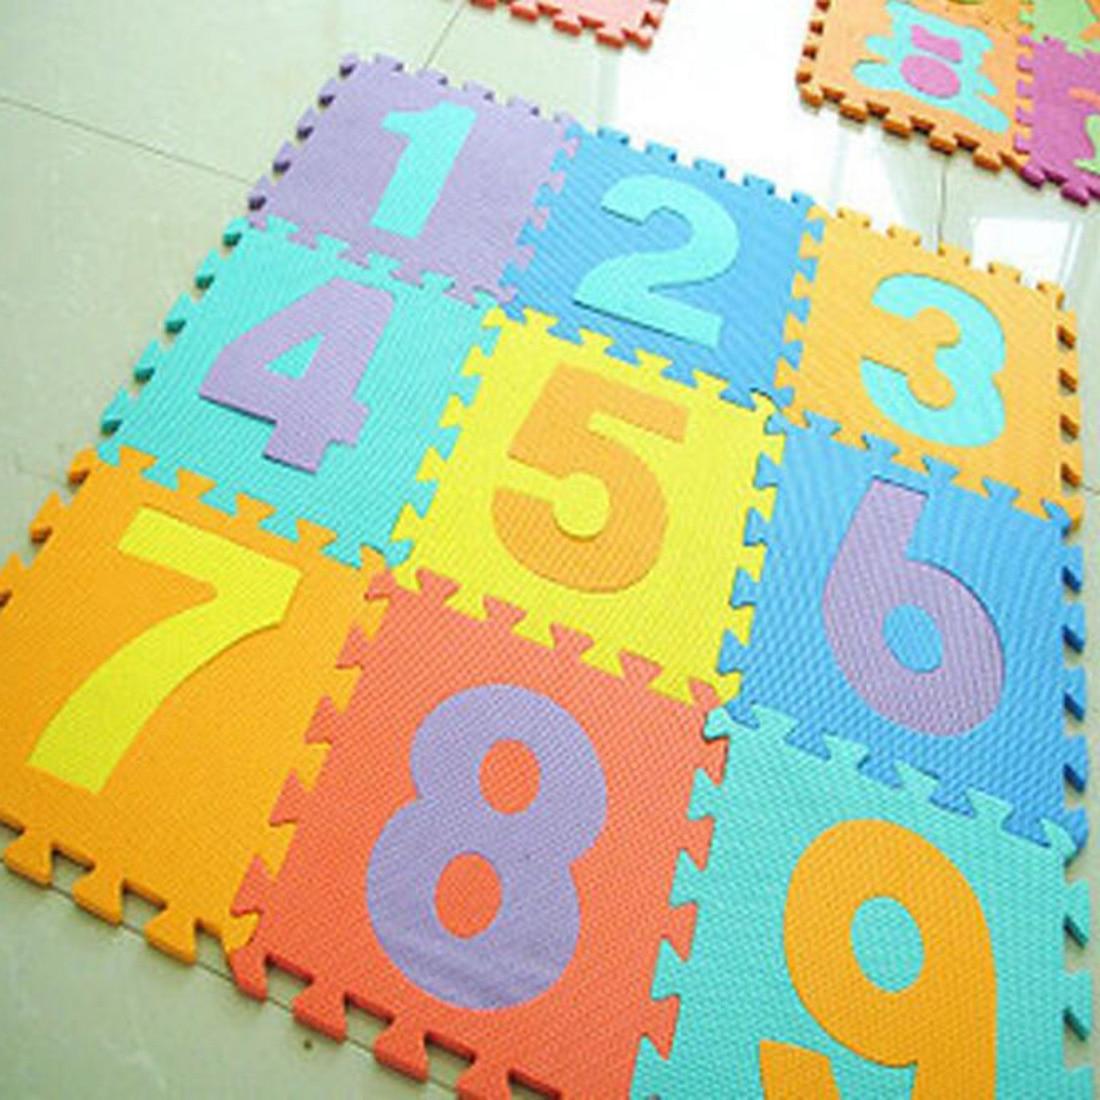 Couture Tapis De Sol Bébé €7.53 12% de réduction|nouveau 10 pièces/ensemble 30*30 cm eva tapis puzzle  tapis bébé tapis de jeu puzzle bébé mousse tapis de sol nombre lettres